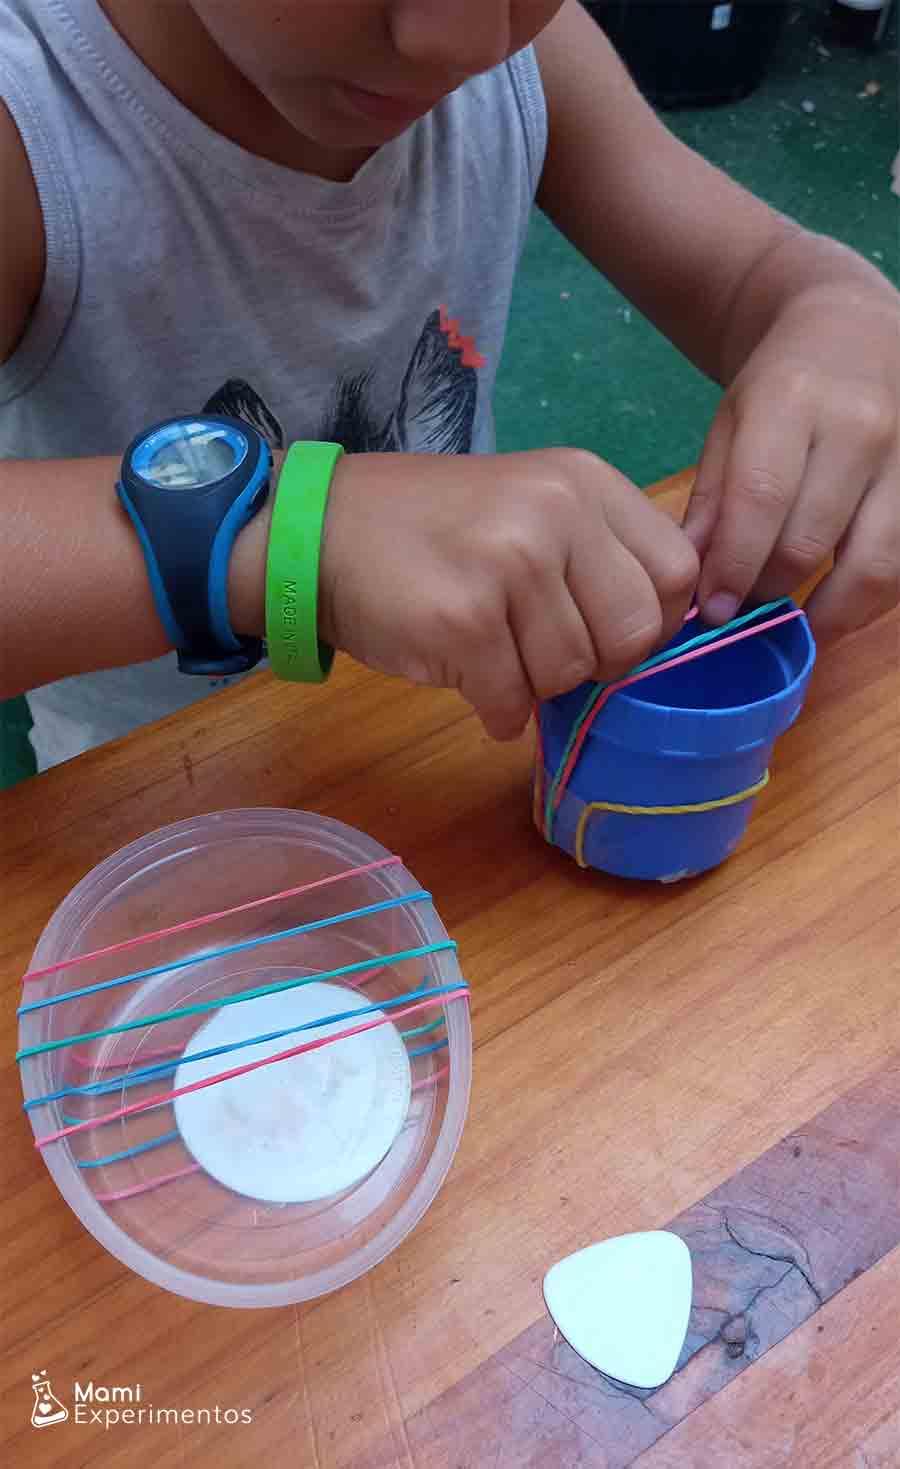 Preparando instrumentos musicales caseros para descubrir ciencia del sonido